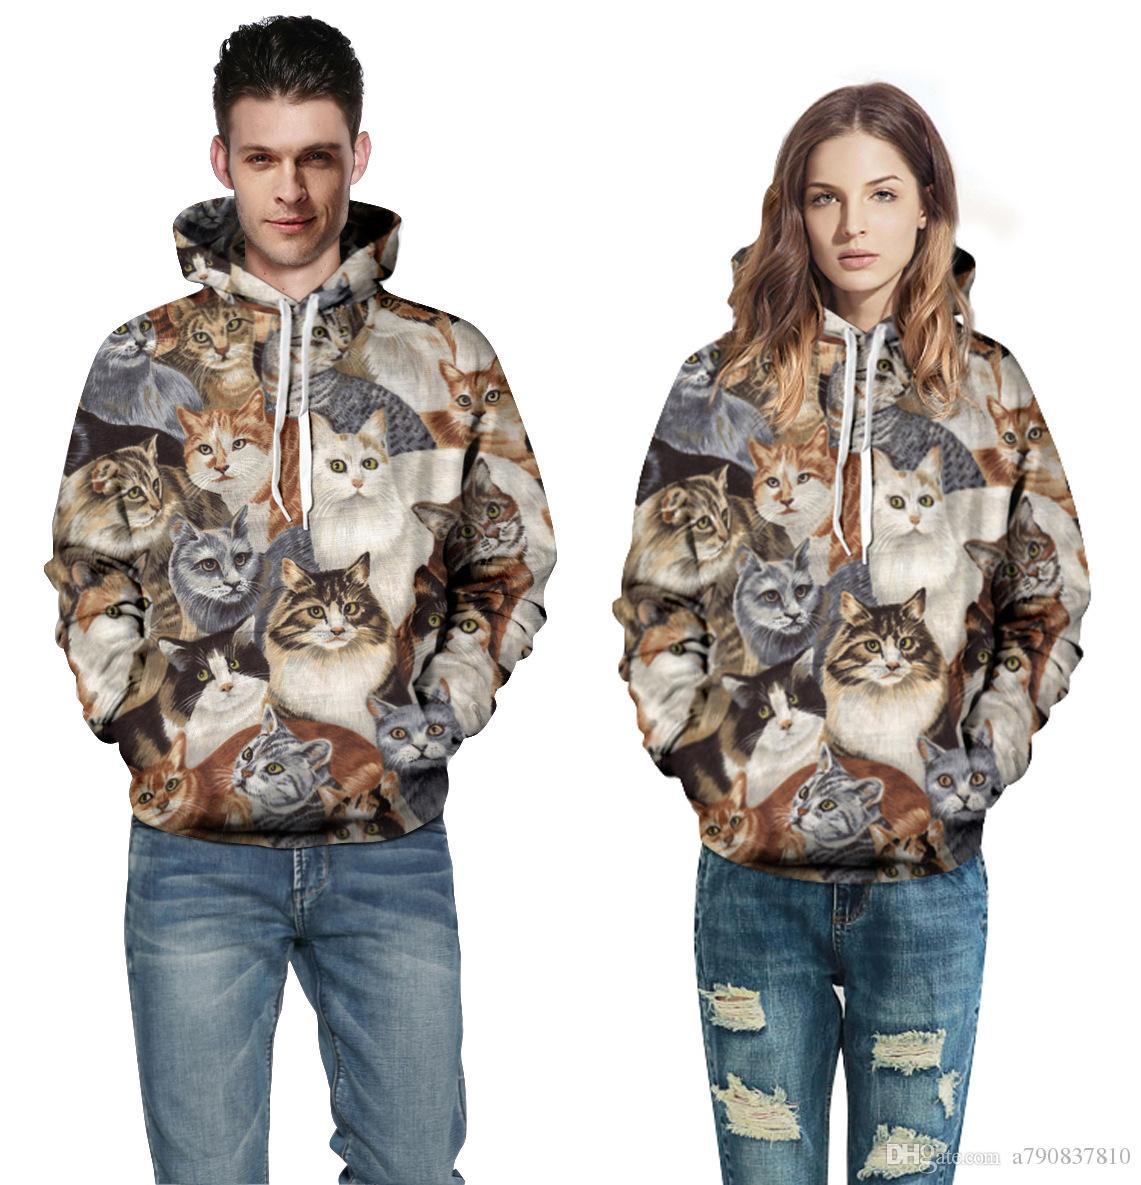 Baseball hoodies-sweatshirt hommes femme 2017 nouveau design causal de mode hoodies Survêtements Pull S-3XL hoddies avec chapeau Magasins d'usine